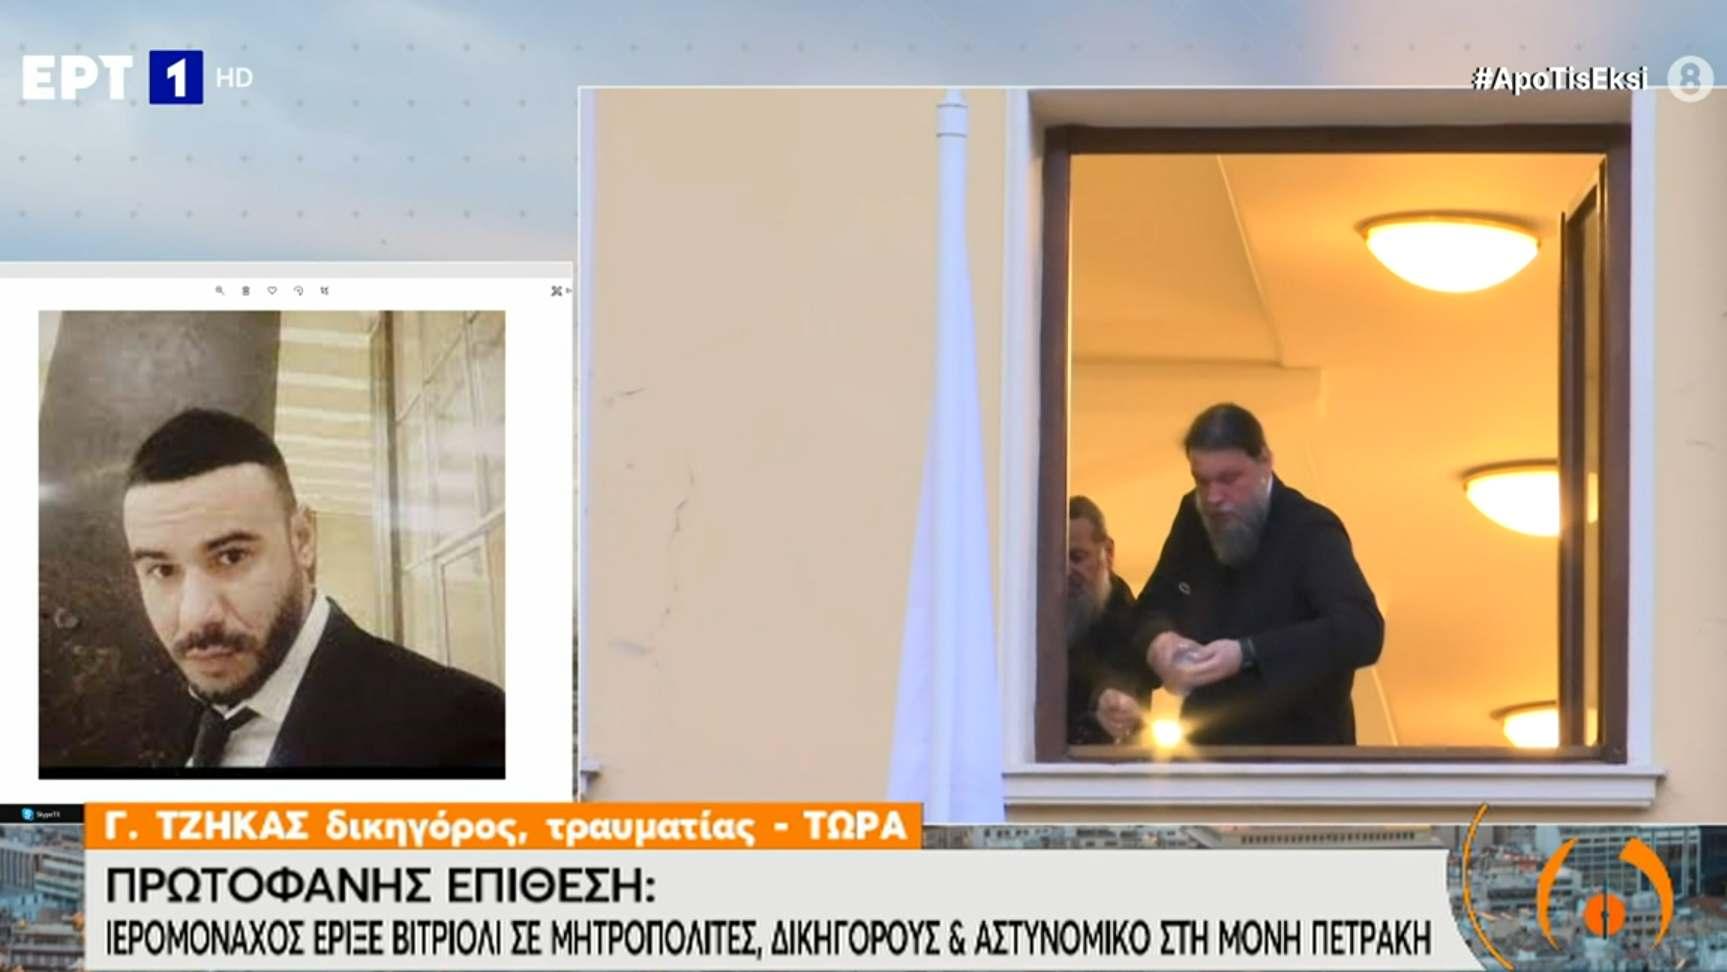 Μονή Πετράκη: Πού νοσηλεύονται τα θύματα της επίθεσης